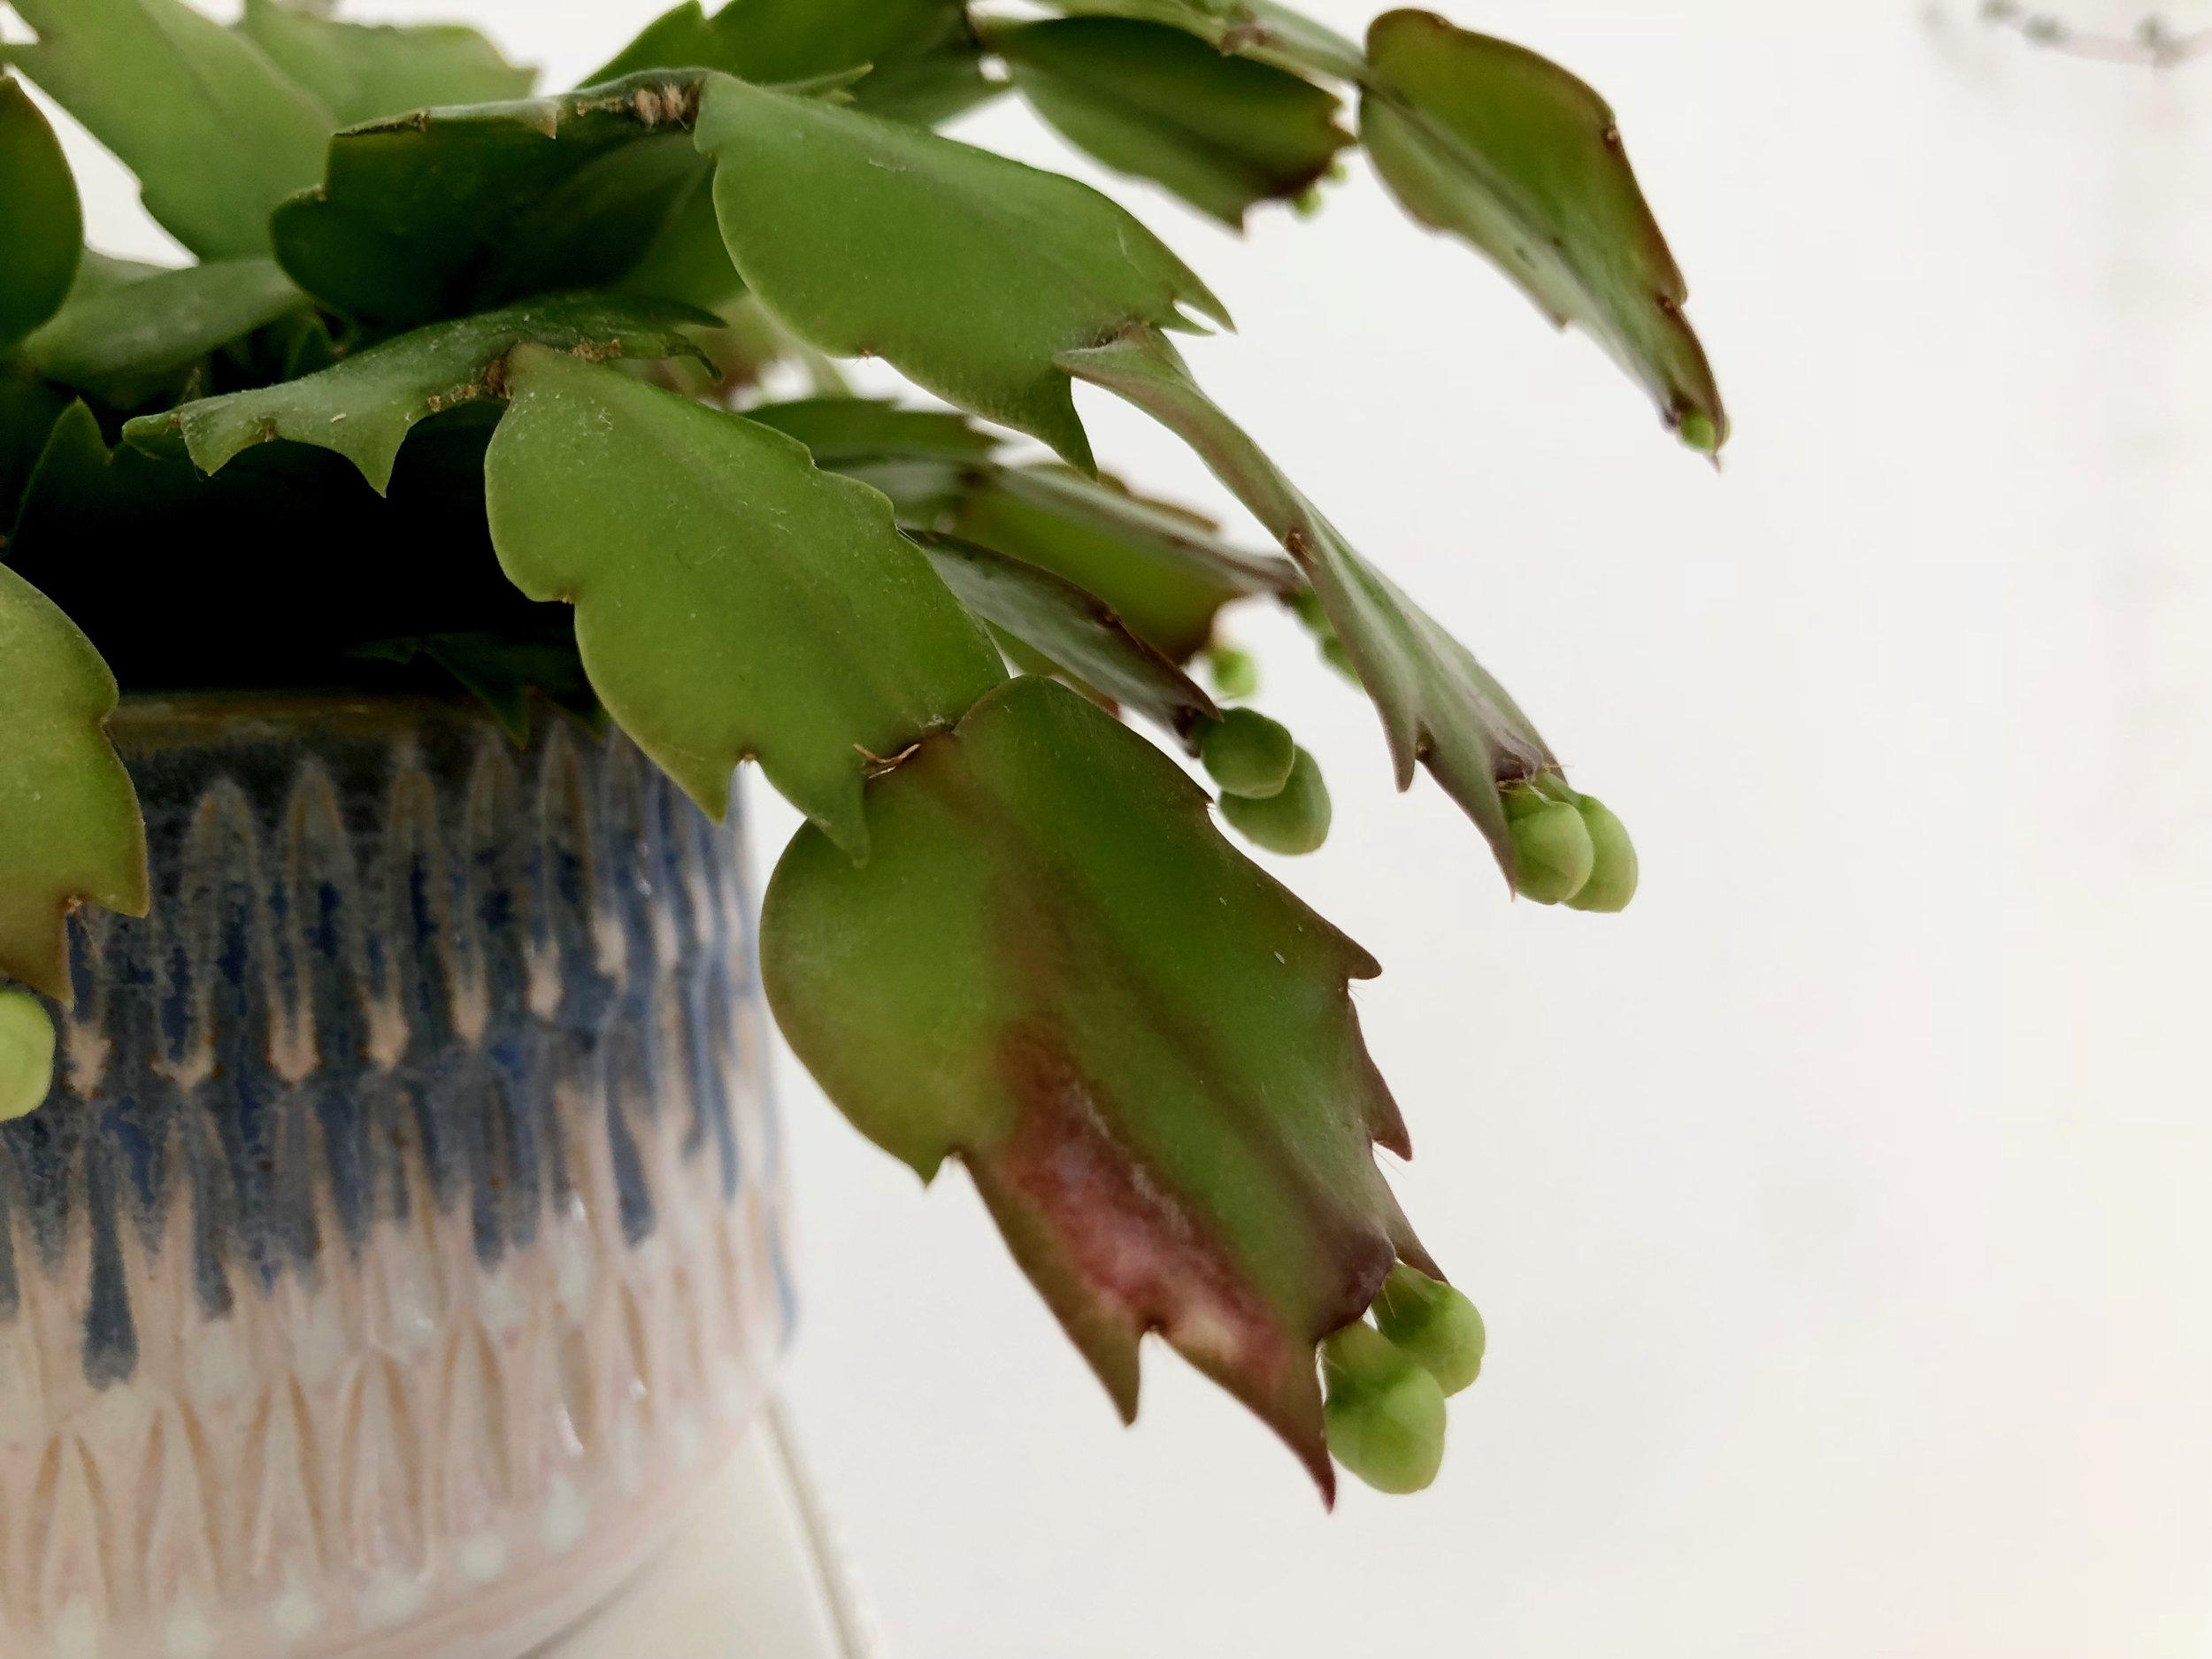 Der findes to slags kaktus: ørkenkaktus og skovkaktus. Novemberkaktus hører til den sidste kategori. Derfor trives den bedst i halvskygge i modsætning til ørkenkaktus, som gerne vil bages i solen, for den gror under træernes krone. Hvis de står i direkte sol, kan de være nærige med blomster, og bladene bliver rødlige - hvilket er sket for den her uheldige fyr, der har solet sig for længe i et vestvendt vindue. Den ser nu ud til at sætte blomster alligevel.